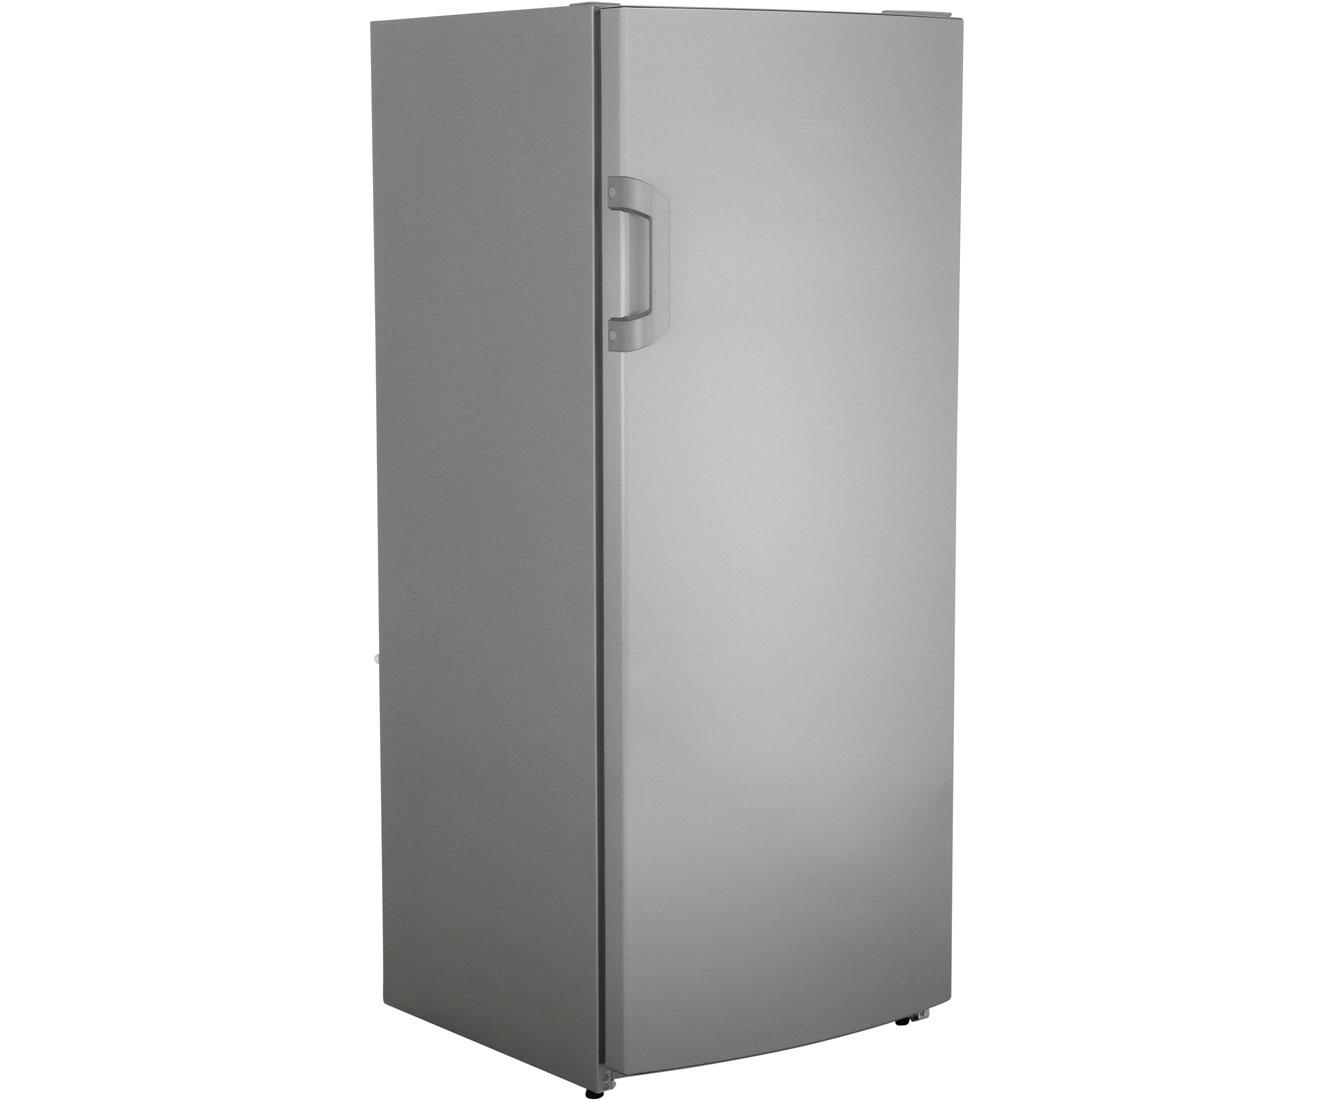 Gorenje Kühlschrank Kondenswasser Läuft Nicht Ab : Gorenje kühlschrank wasser läuft nicht ab feuchte oder vereiste